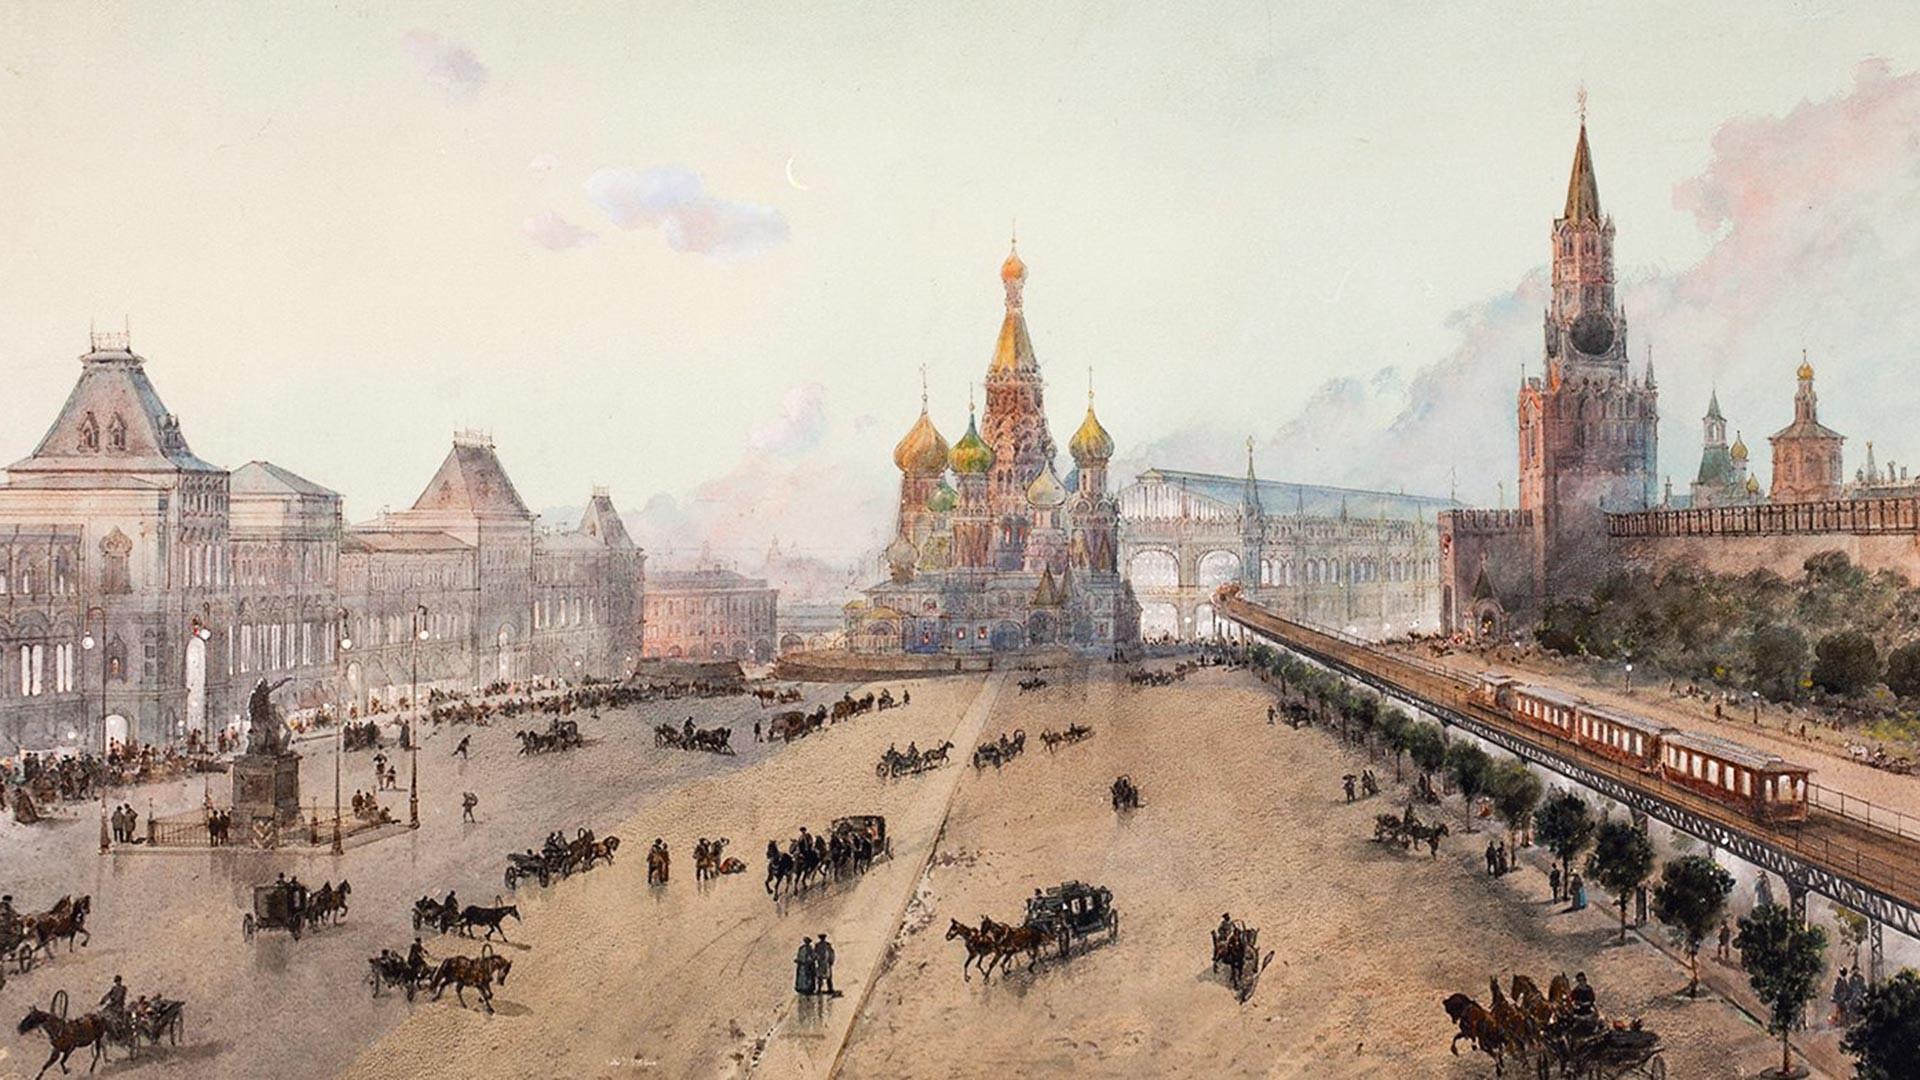 Il cavalcavia e la stazione centrale della metropolitana progettati sulla Piazza Rossa dall'ingegnere P. I. Balinskij. L'idea però non piacque a Nicola II. Disegno di N. Karazin (progettato dagli ingegneri E. K. Knorre e P. I. Balinskij), 1902